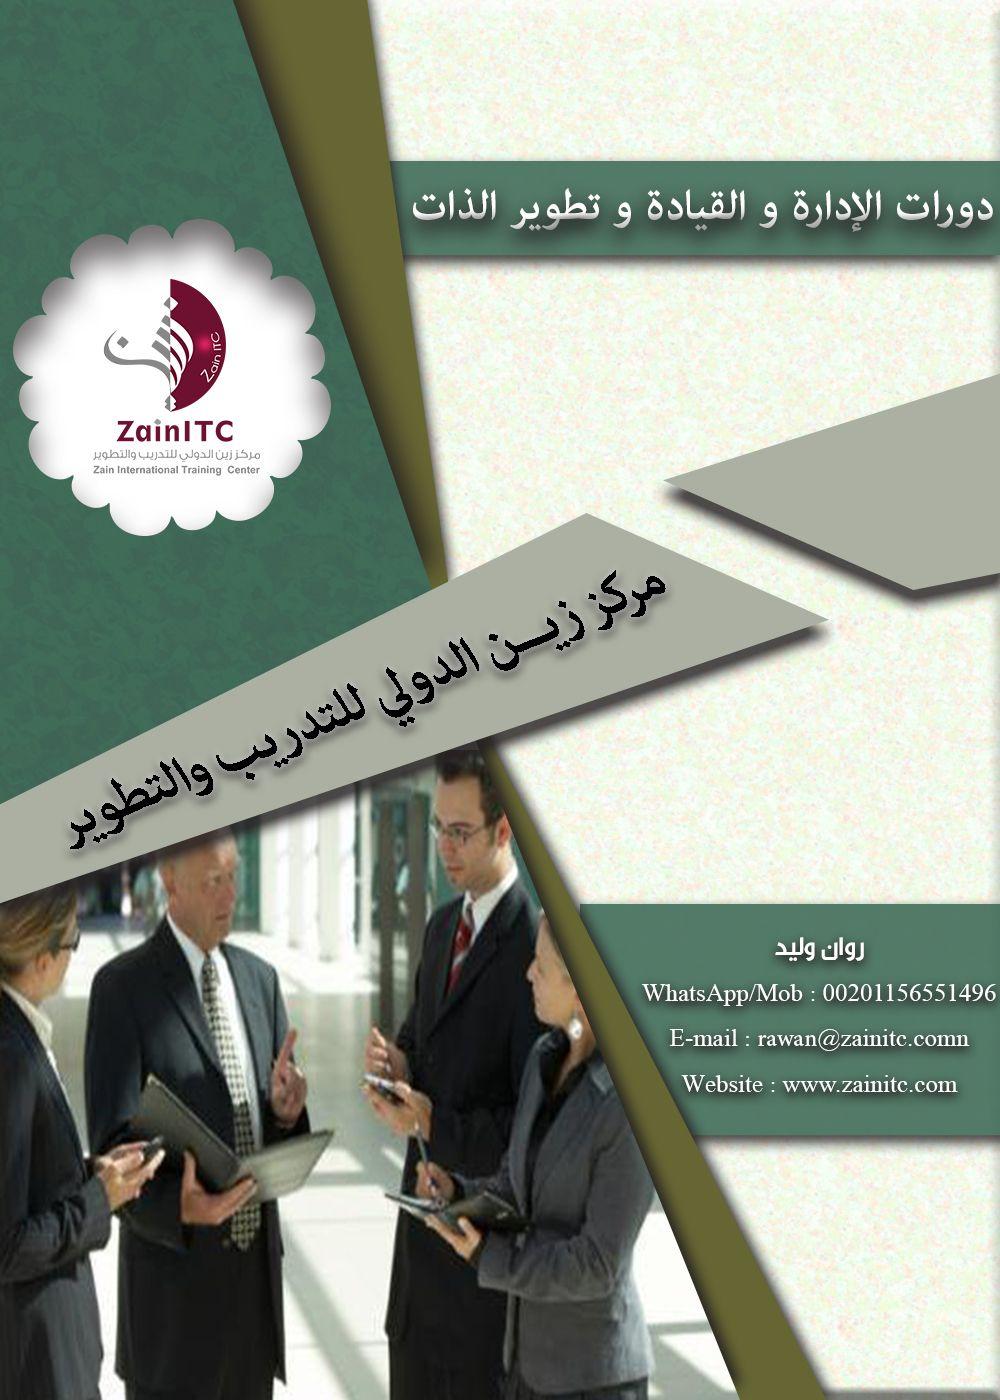 دورات للتنمية و التطوير دورة المراجعة الإدارية تقييم الأداء الإداري Training Center Assessment Ssle